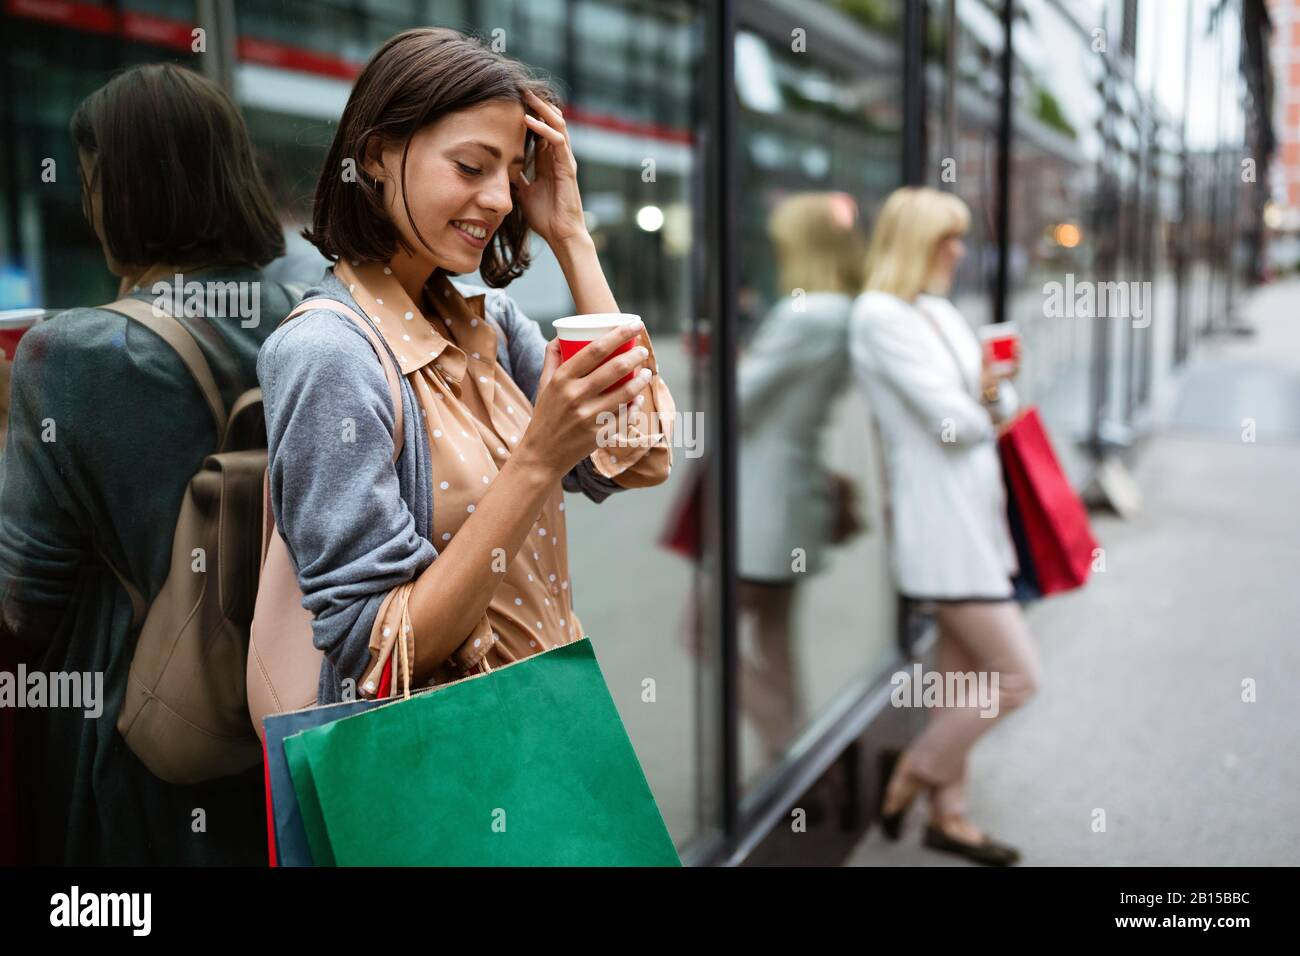 Feliz mujer joven bebiendo tomar café y caminar con bolsas después de ir de compras en la ciudad. Foto de stock